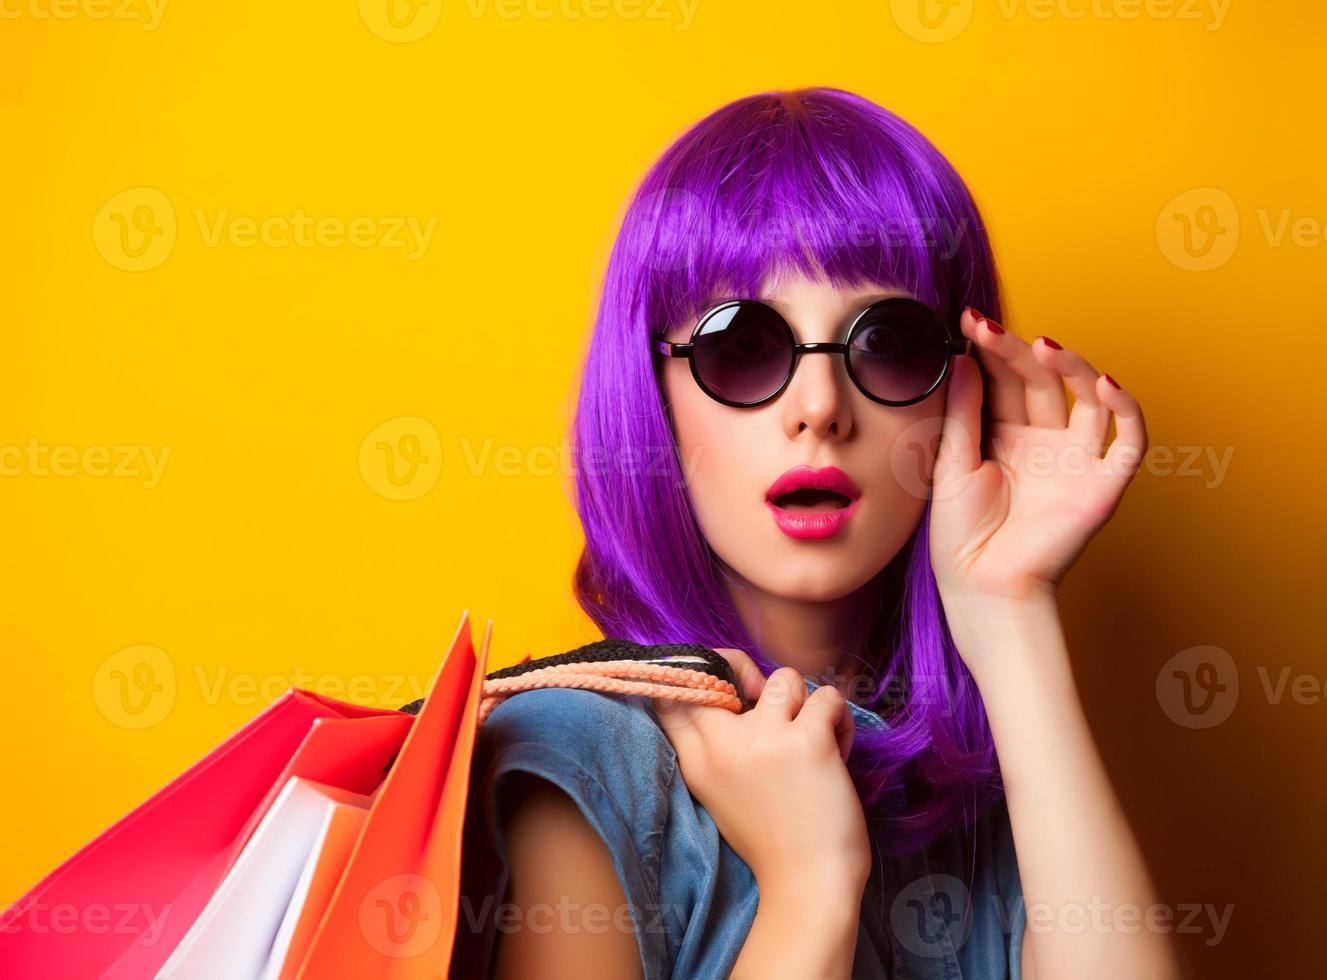 donne con i capelli viola con borse della spesa. foto